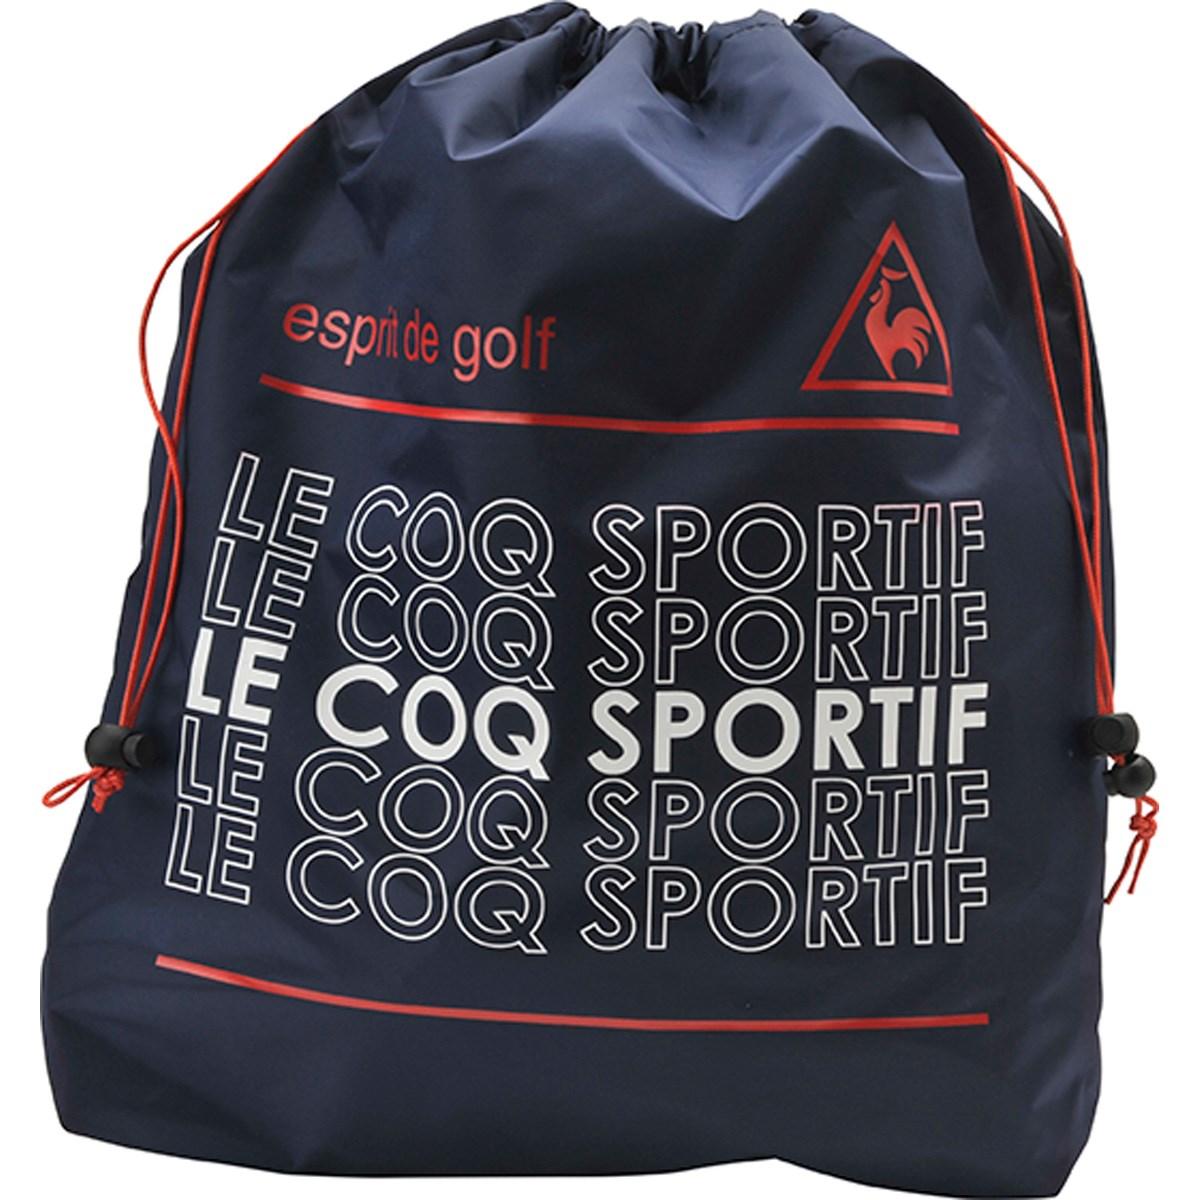 [2020年モデル] ルコックゴルフ Le coq sportif GOLF シューズケース ネイビー 00 レディース